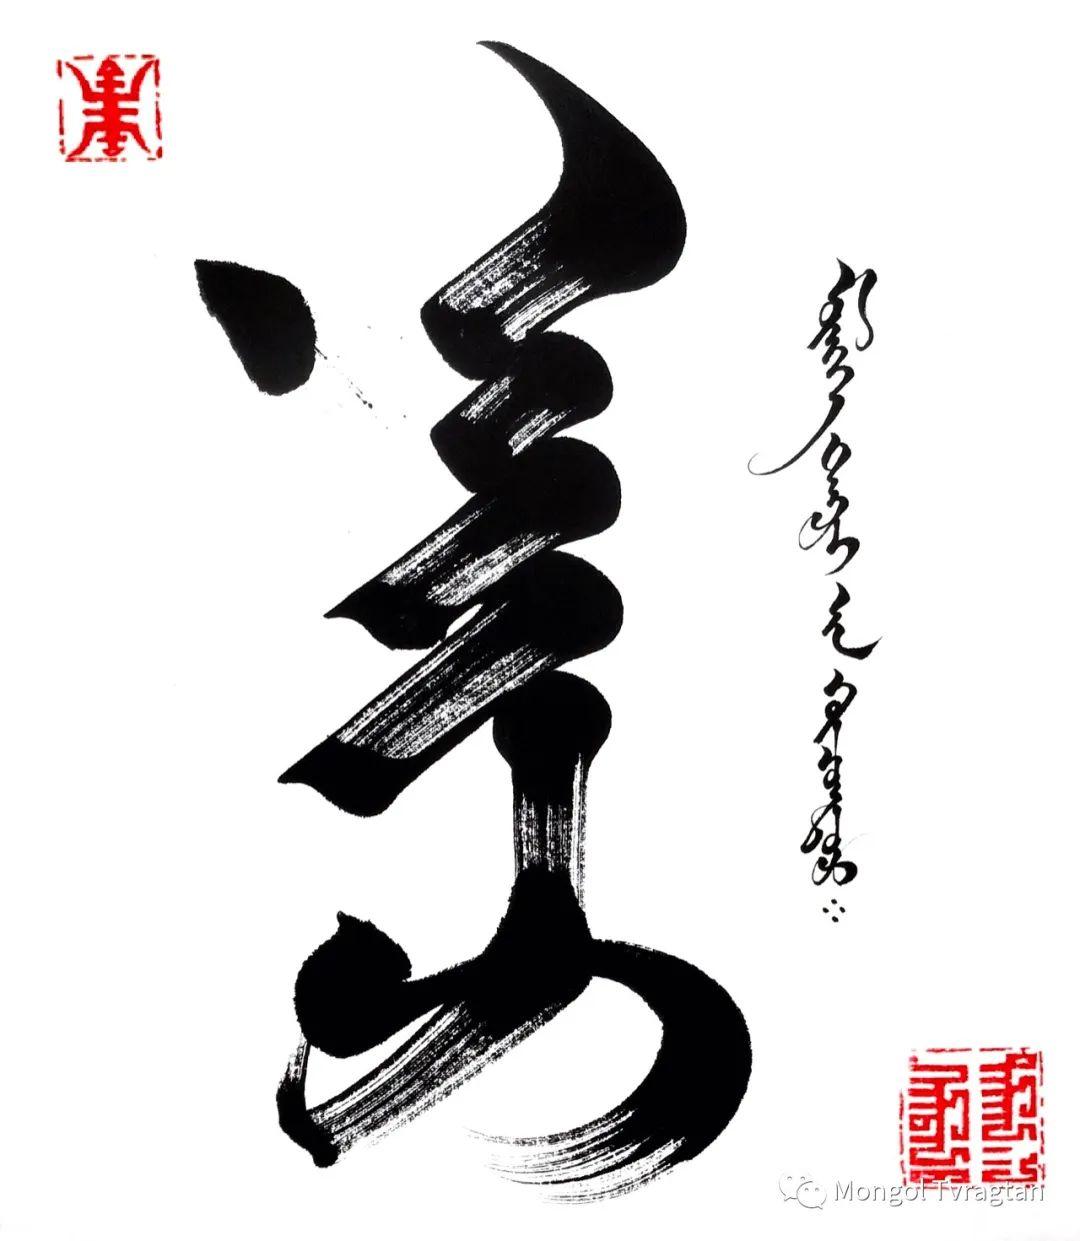 ᠮᠥᠩᠬᠡ ᠲᠡᠭᠷᠢᠶᠢᠨ ᠪᠢᠴᠢᠭ᠌ - ᠰᠠᠮᠳᠠᠨ 第11张 ᠮᠥᠩᠬᠡ ᠲᠡᠭᠷᠢᠶᠢᠨ ᠪᠢᠴᠢᠭ᠌ - ᠰᠠᠮᠳᠠᠨ 蒙古书法